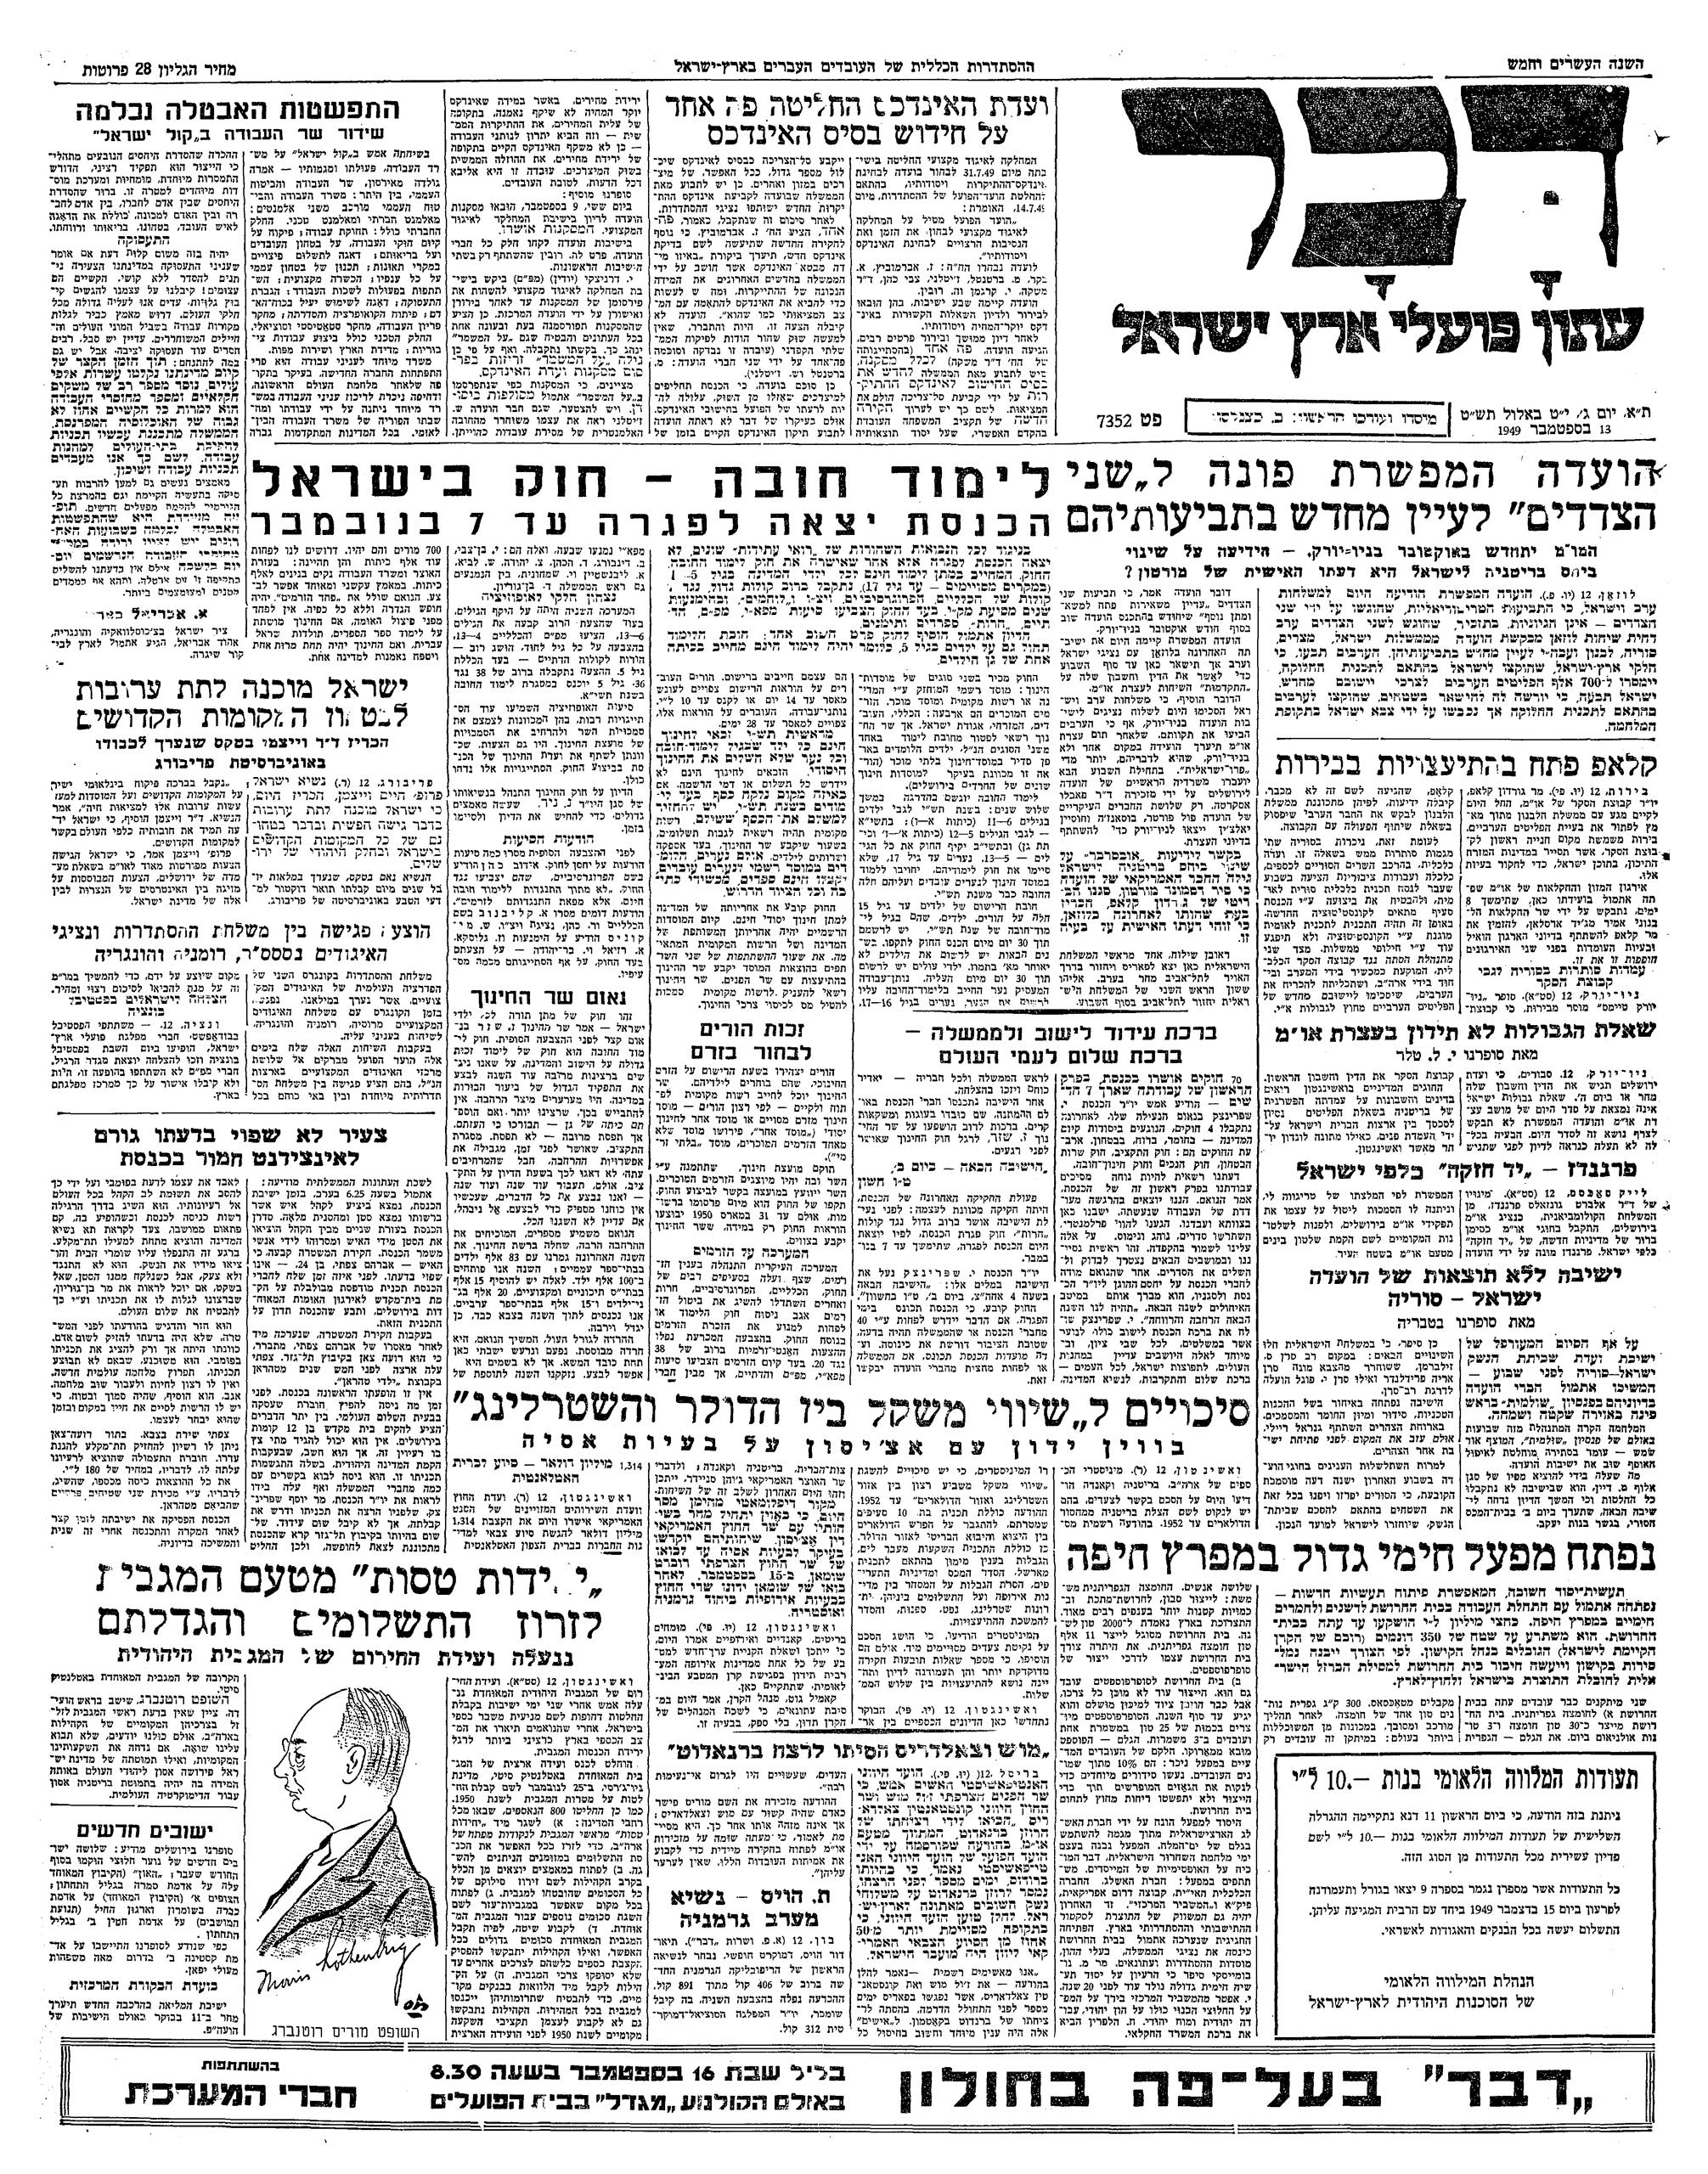 """שער """"דבר"""", 13.9.1949 (לחצו להגדלה)"""